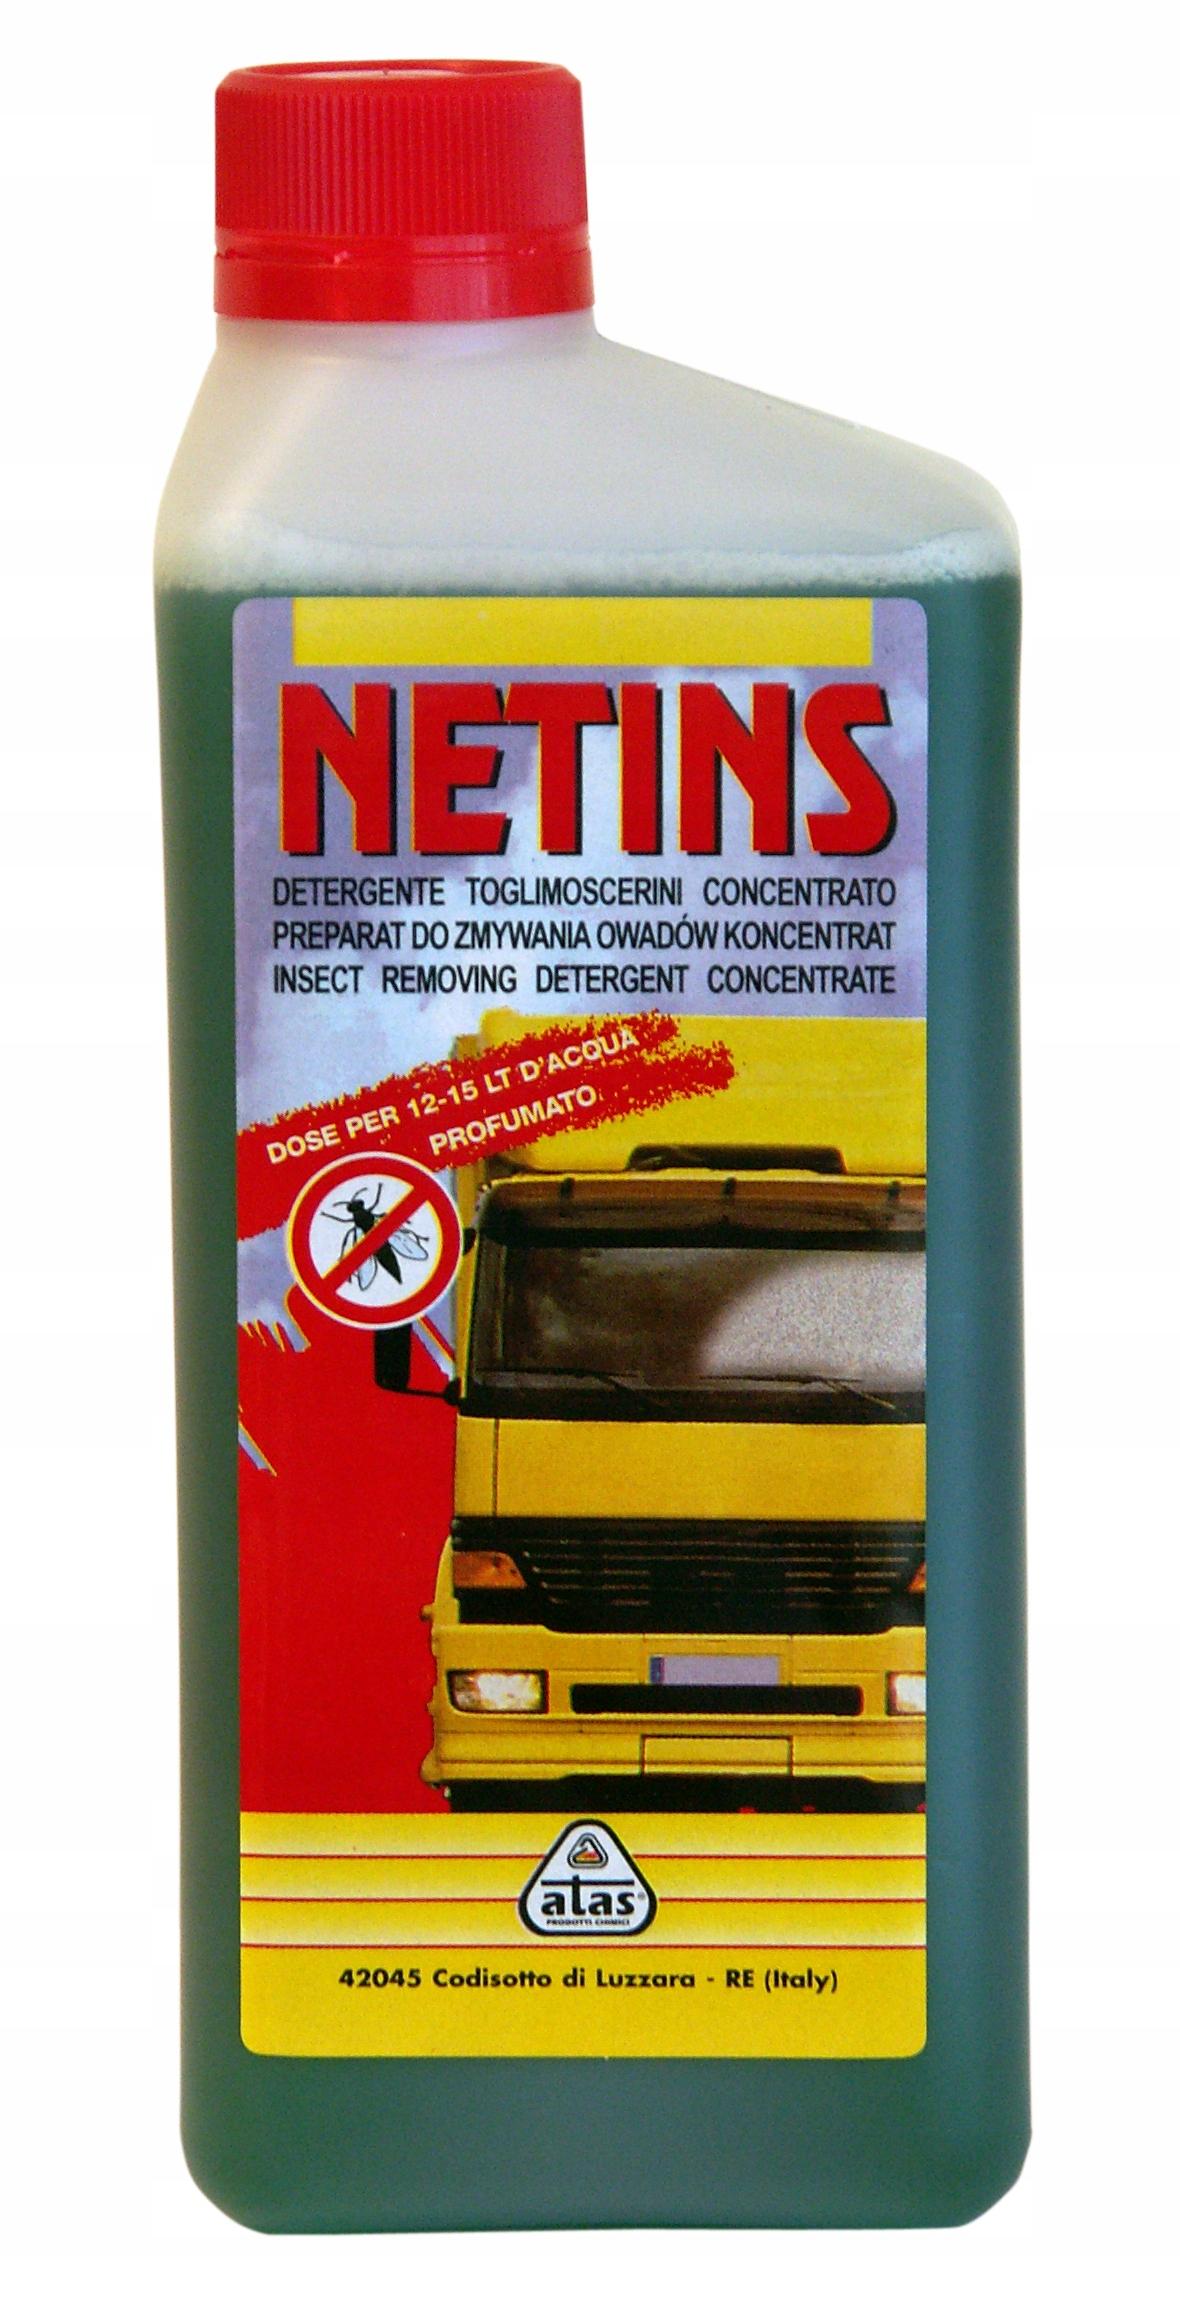 ATAS NETINS Препарат для удаления насекомых 500 мл